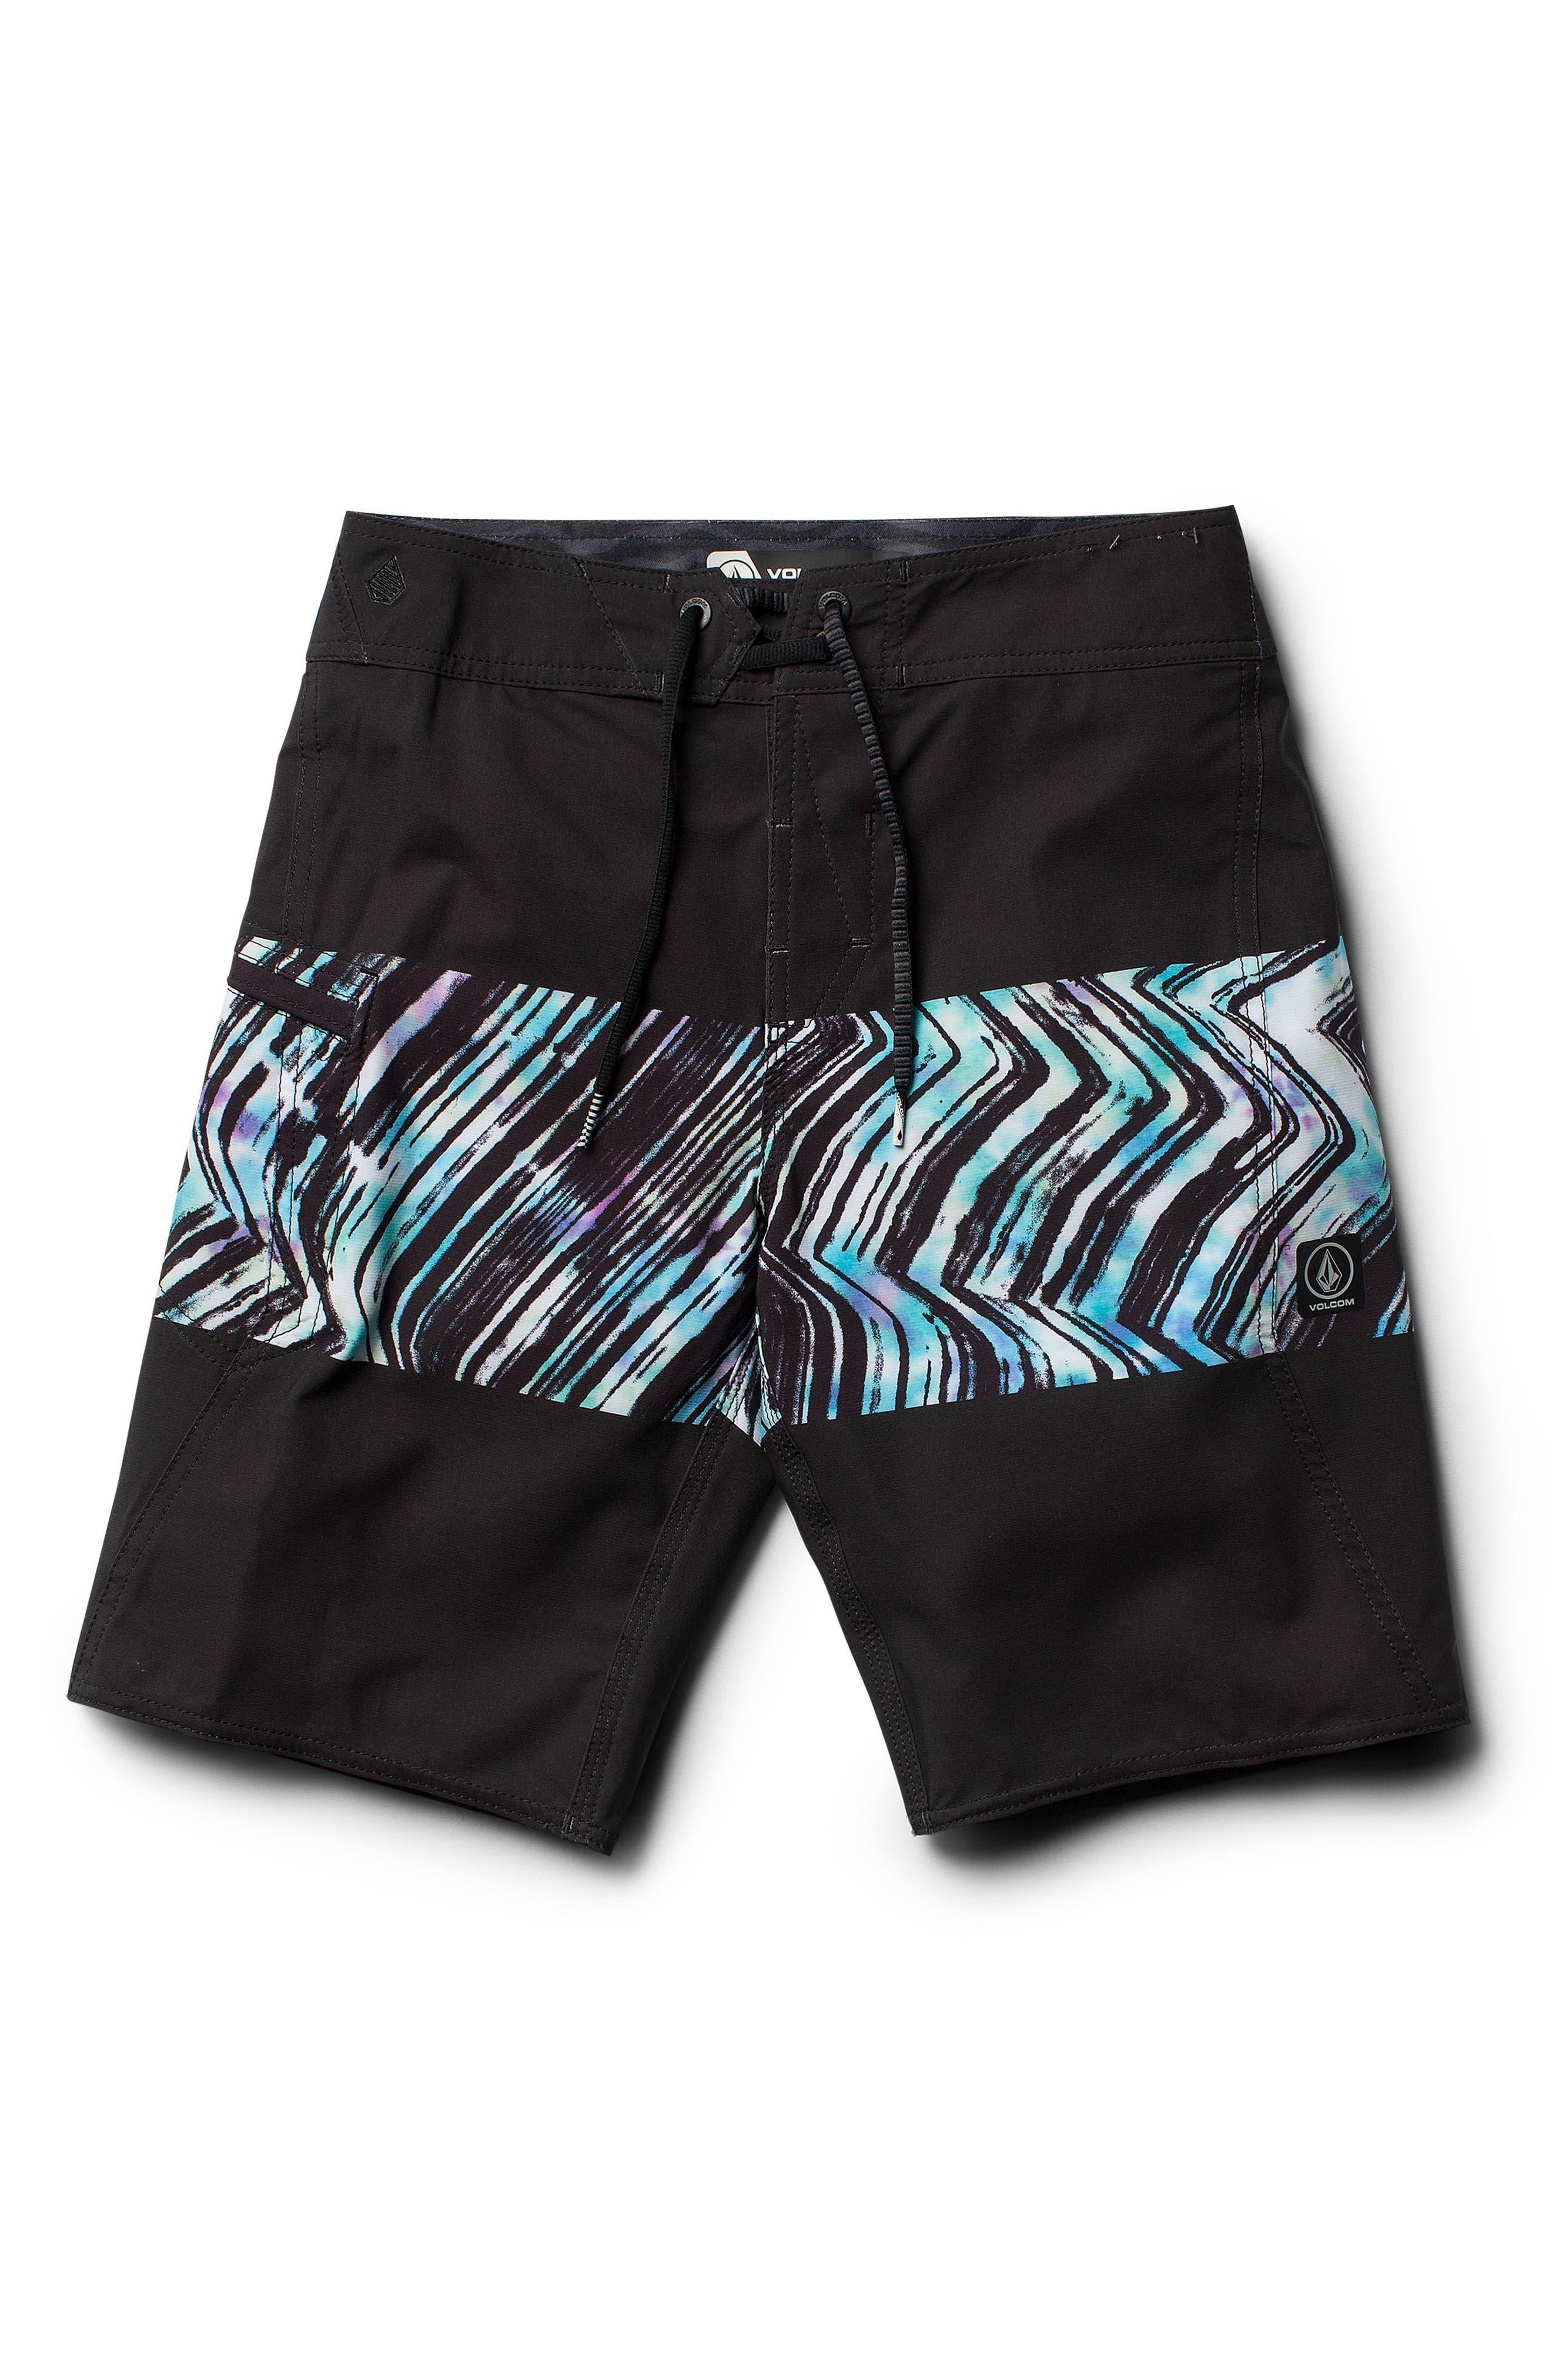 Macaw Board Shorts,                             Main thumbnail 1, color,                             001